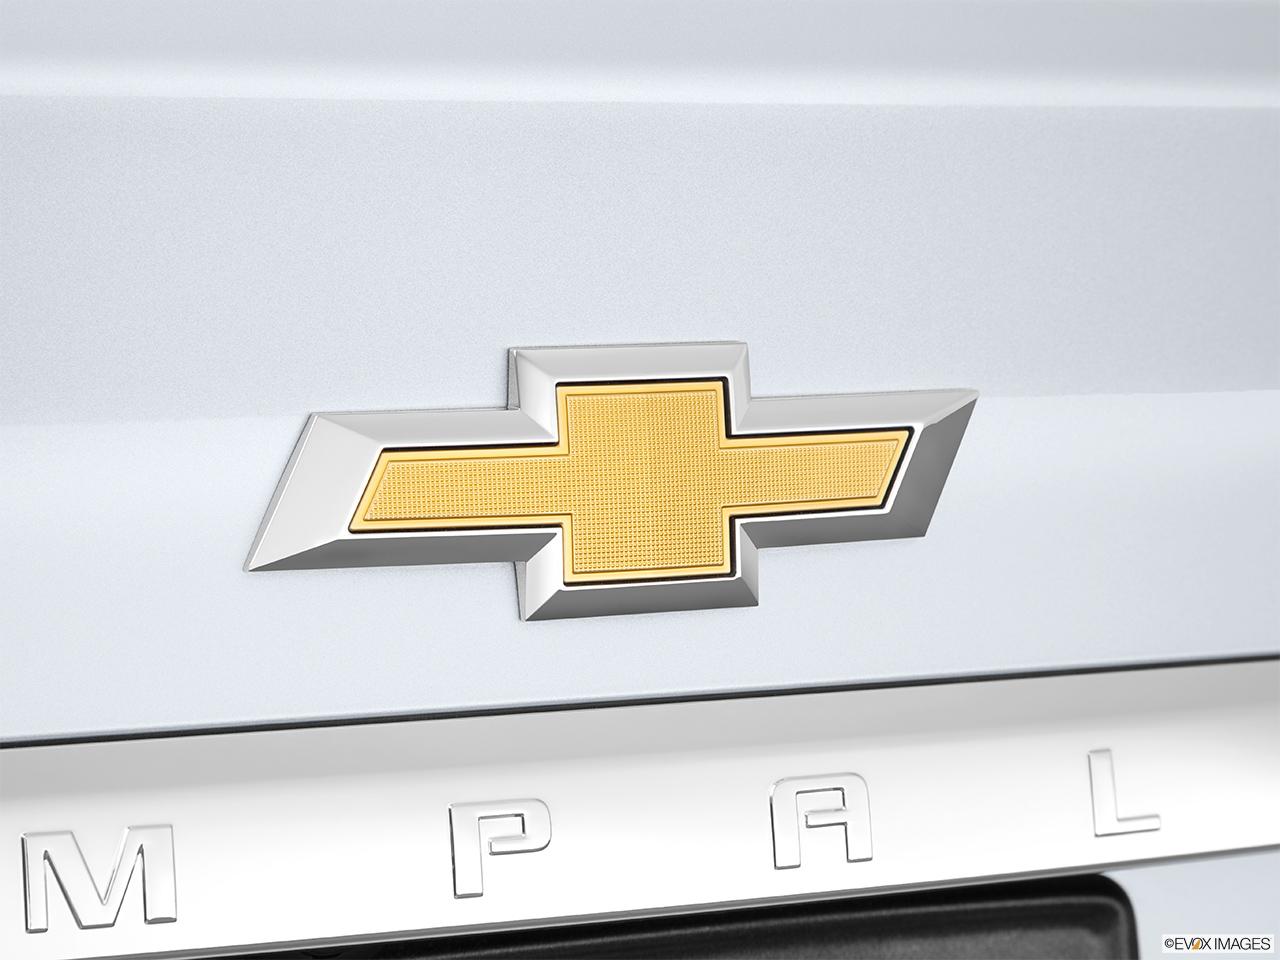 8840st1280138g 2014 chevrolet impala limited police police sedan rear manufacture badge emblem buycottarizona Images